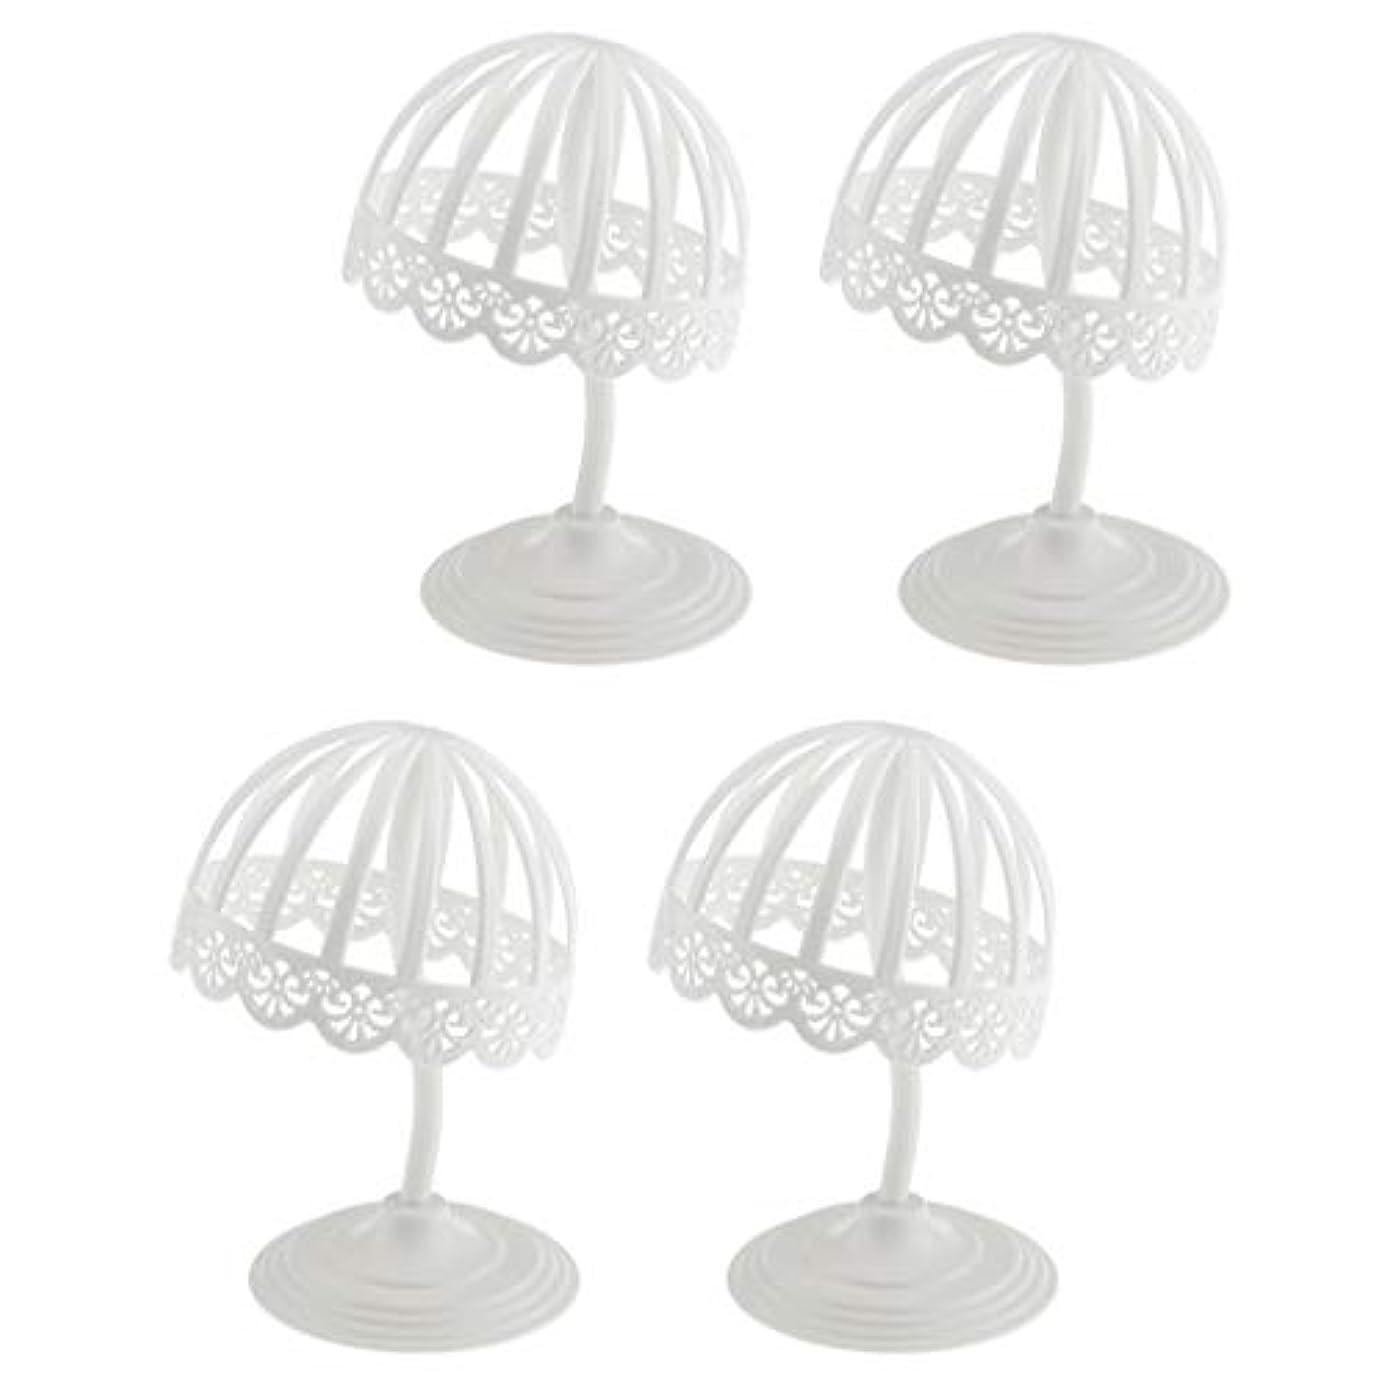 を除く呼吸謎めいた4個セット ウィッグ スタンド 帽子 収納 ディスプレイ ホルダー プラスチック製 ホワイト